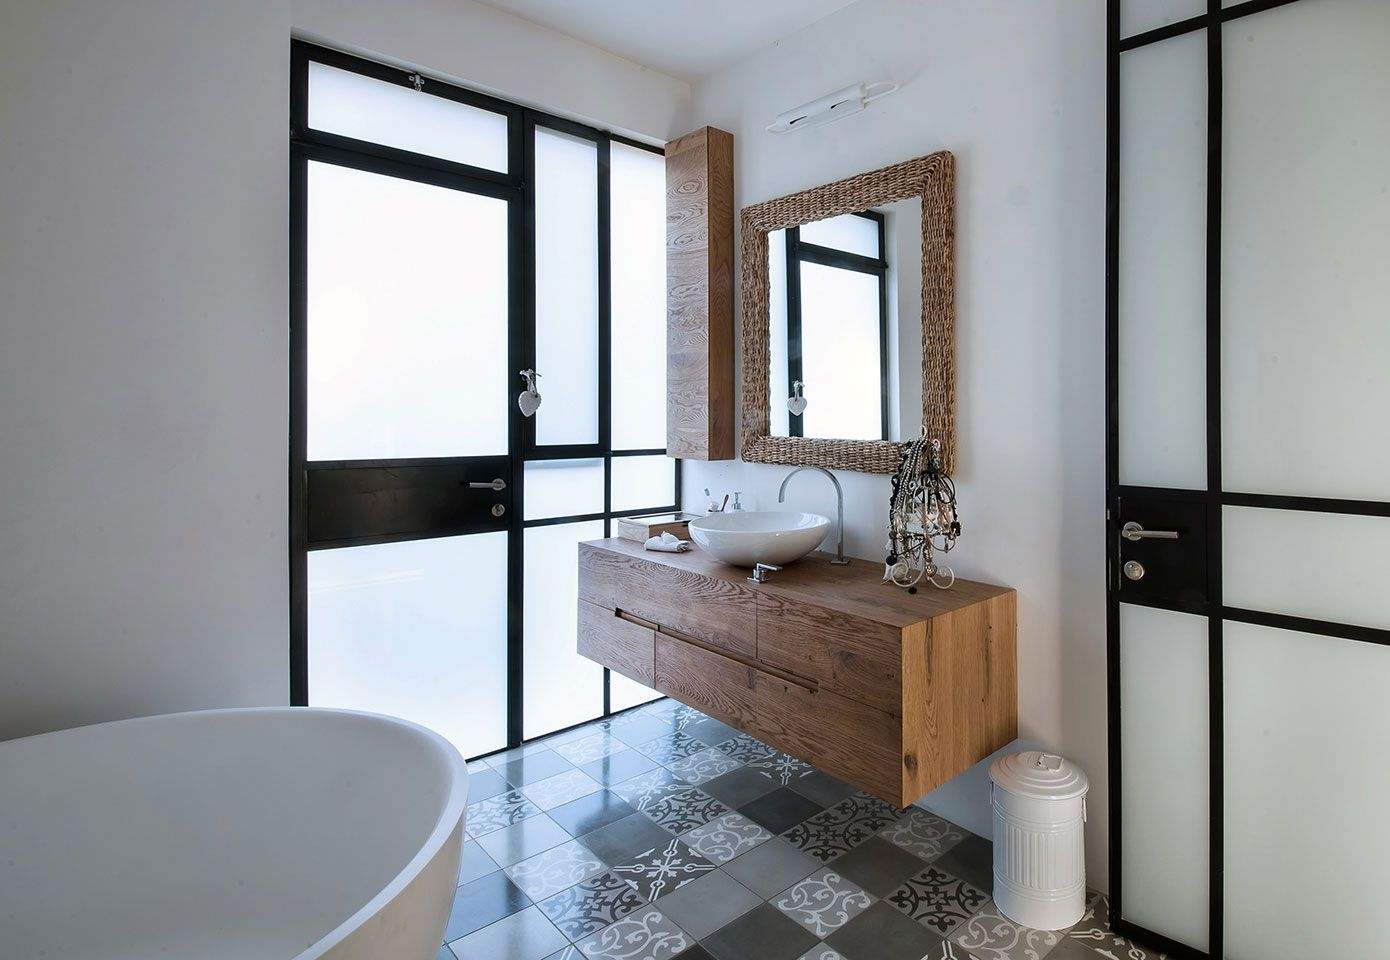 Legno Bianco E Nero : Bagno in legno bianco e nero bathroom crush bathroom